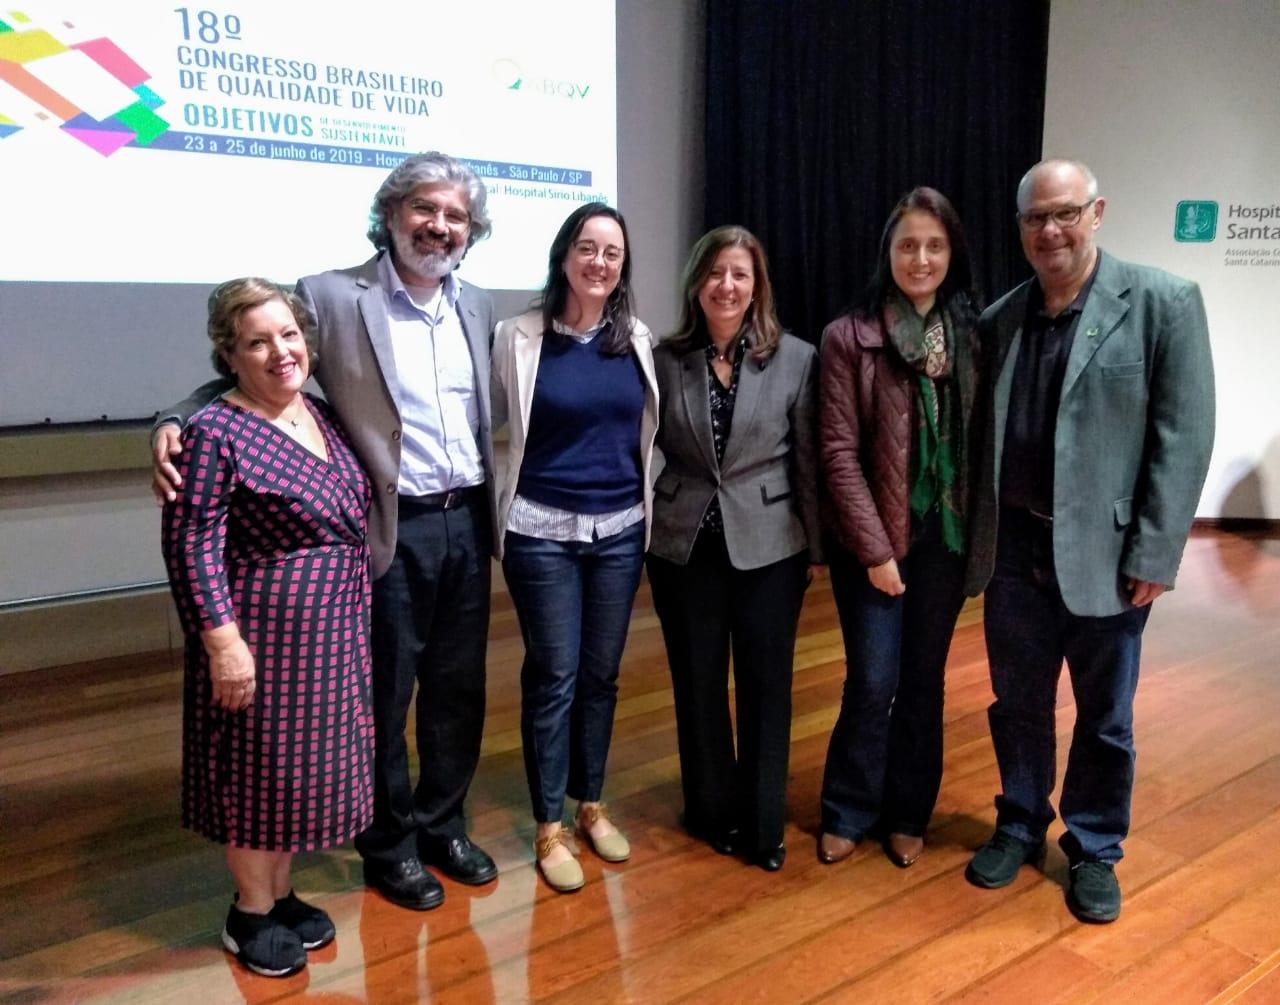 5º Encontro ABQV debateu sobre a Sustentabilidade dos Programas de Qualidade de Vida